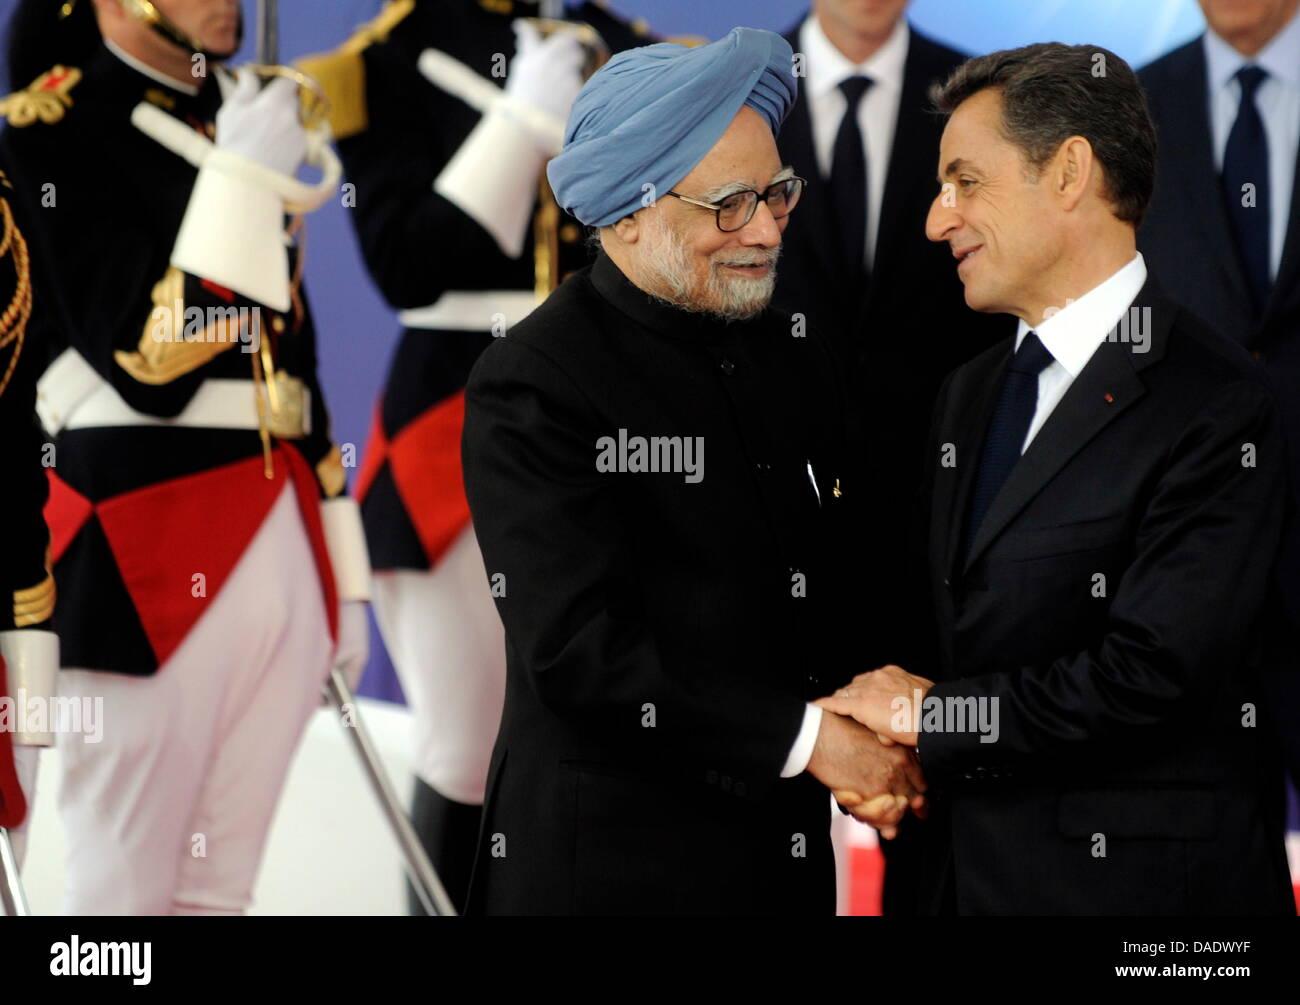 Frankreichs Praesident Nicolas Sarkozy (r.) begruesst am Donnerstag (03.11.11) in Cannes in Frankreich den indischen - Stock Image